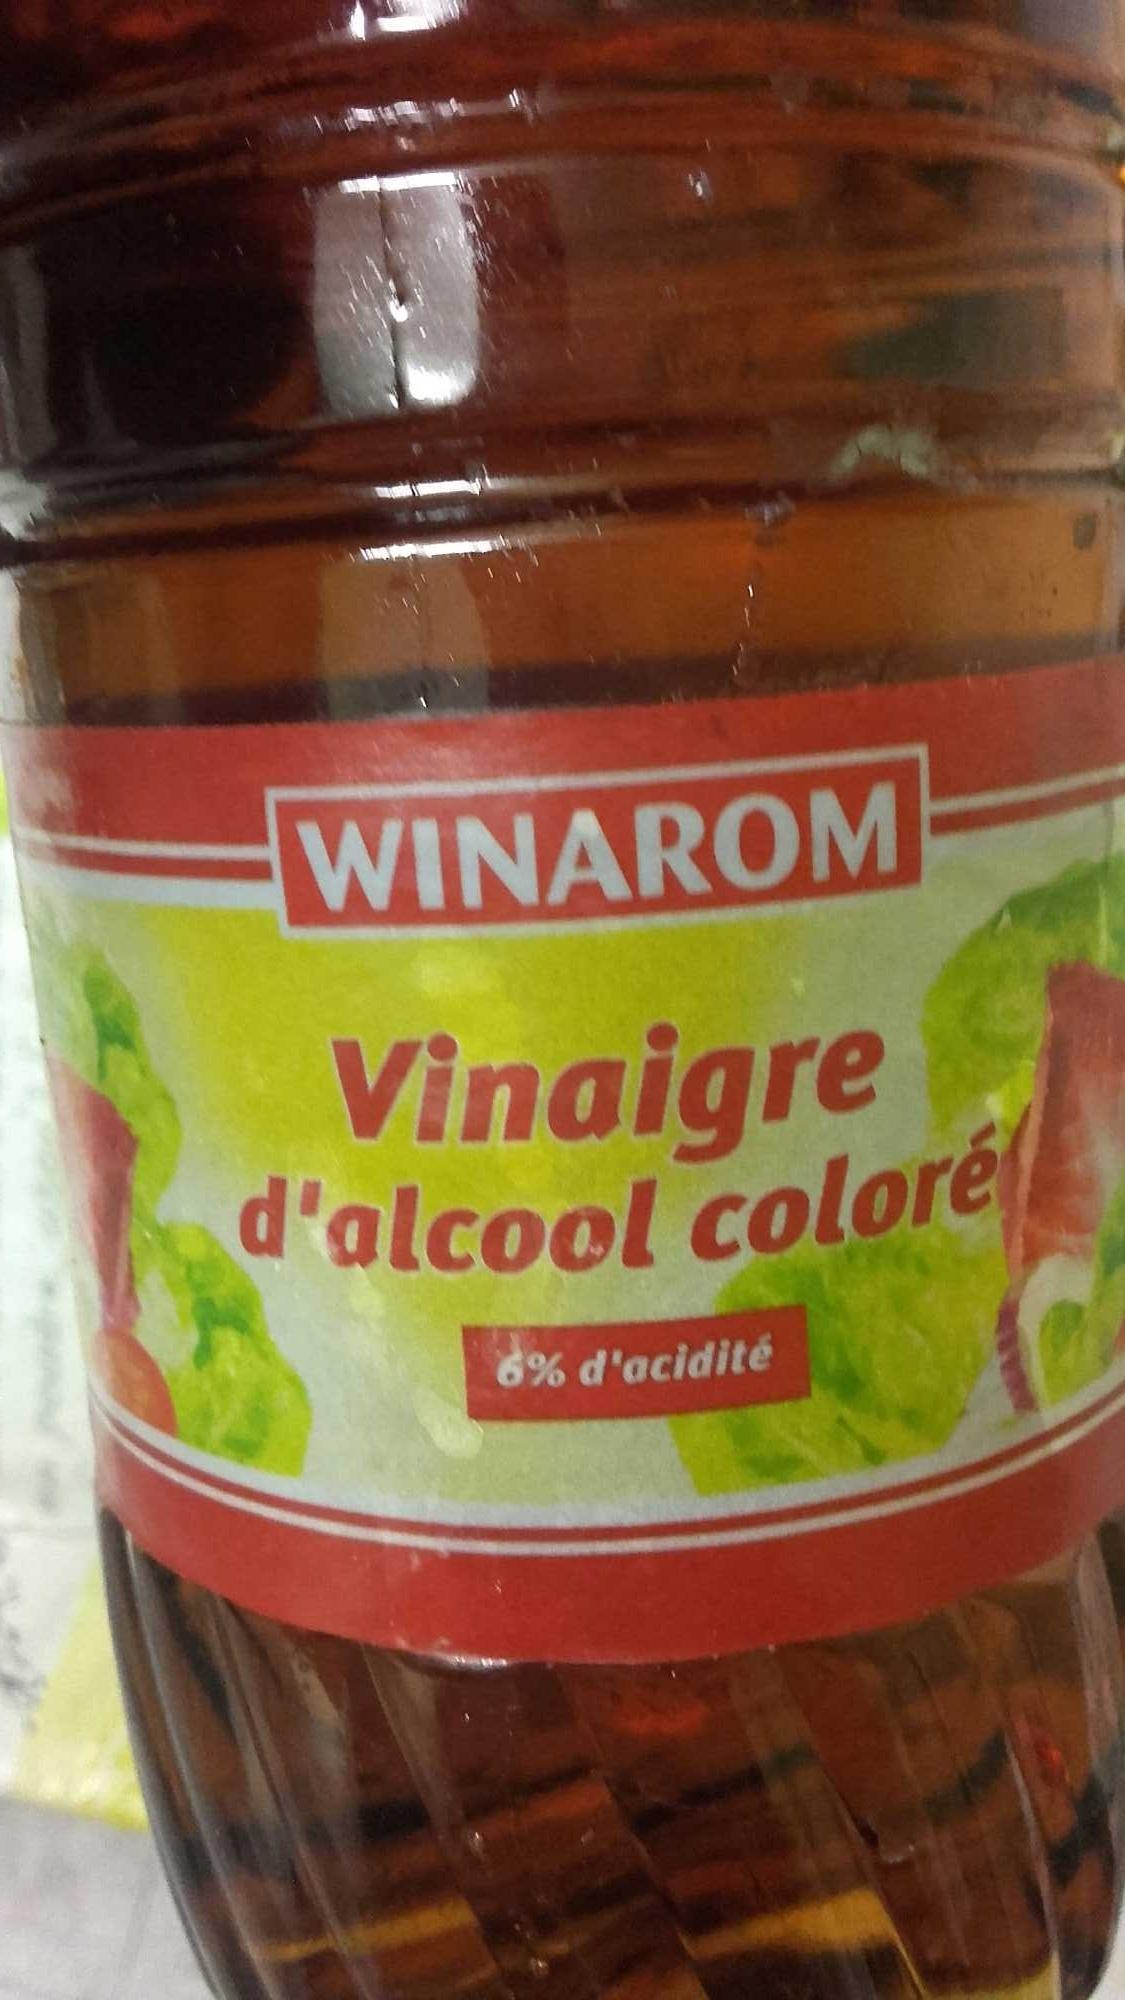 Vinaigre d 39 alcool color winarom 1l - Vinaigre d alcool cuisine ...